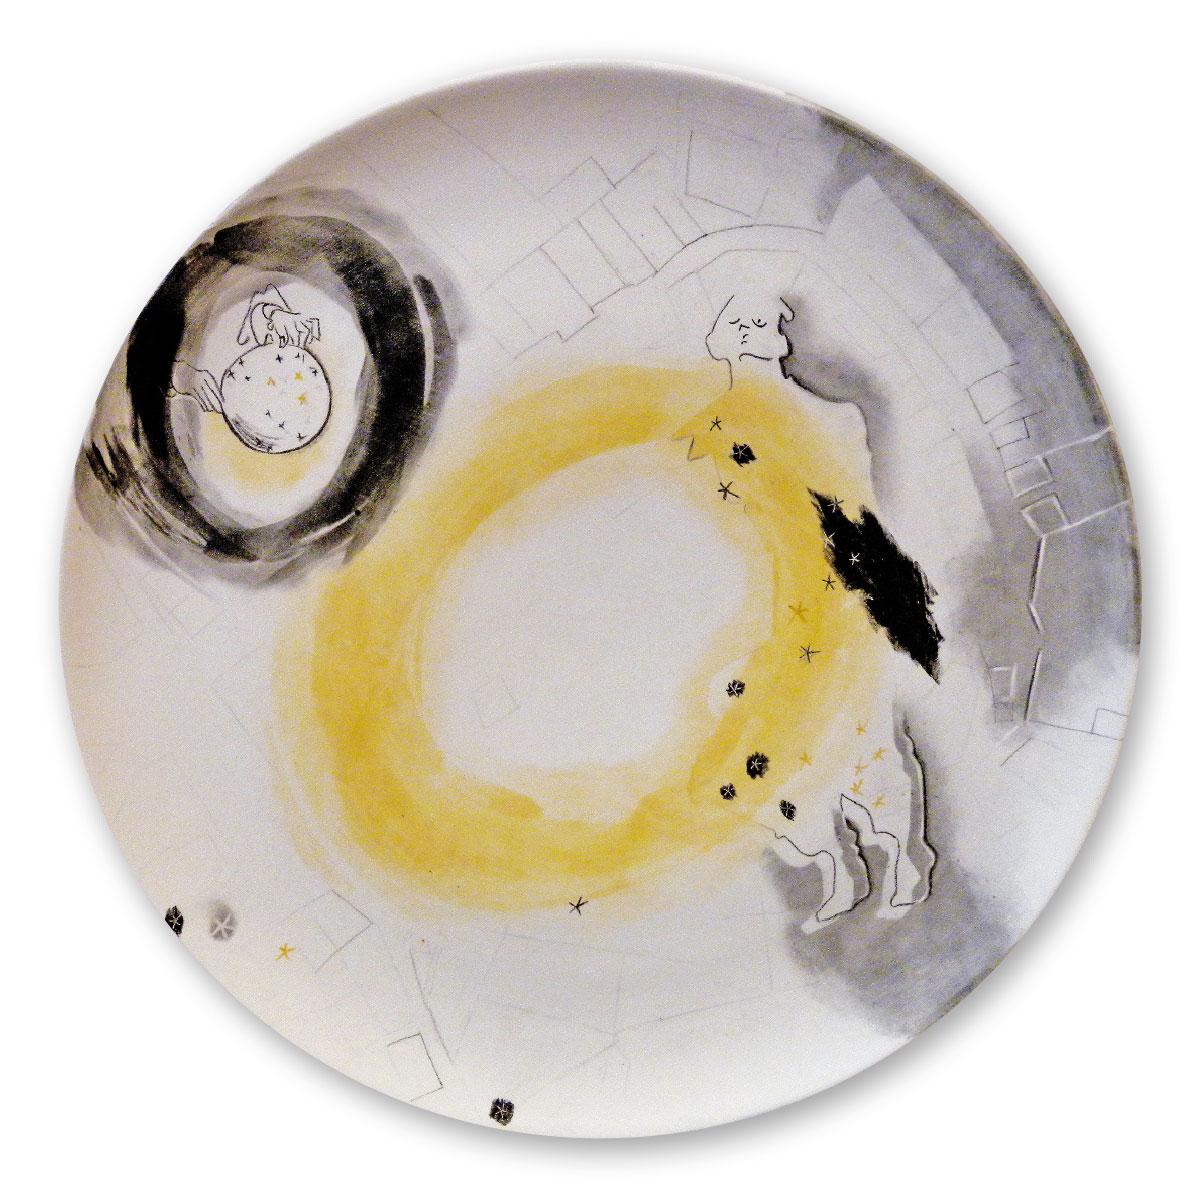 L'opera dell'artista Rebecca Forster acquisita dal Museo a cielo aperto di Denice, dedicato alla ceramica contemporanea